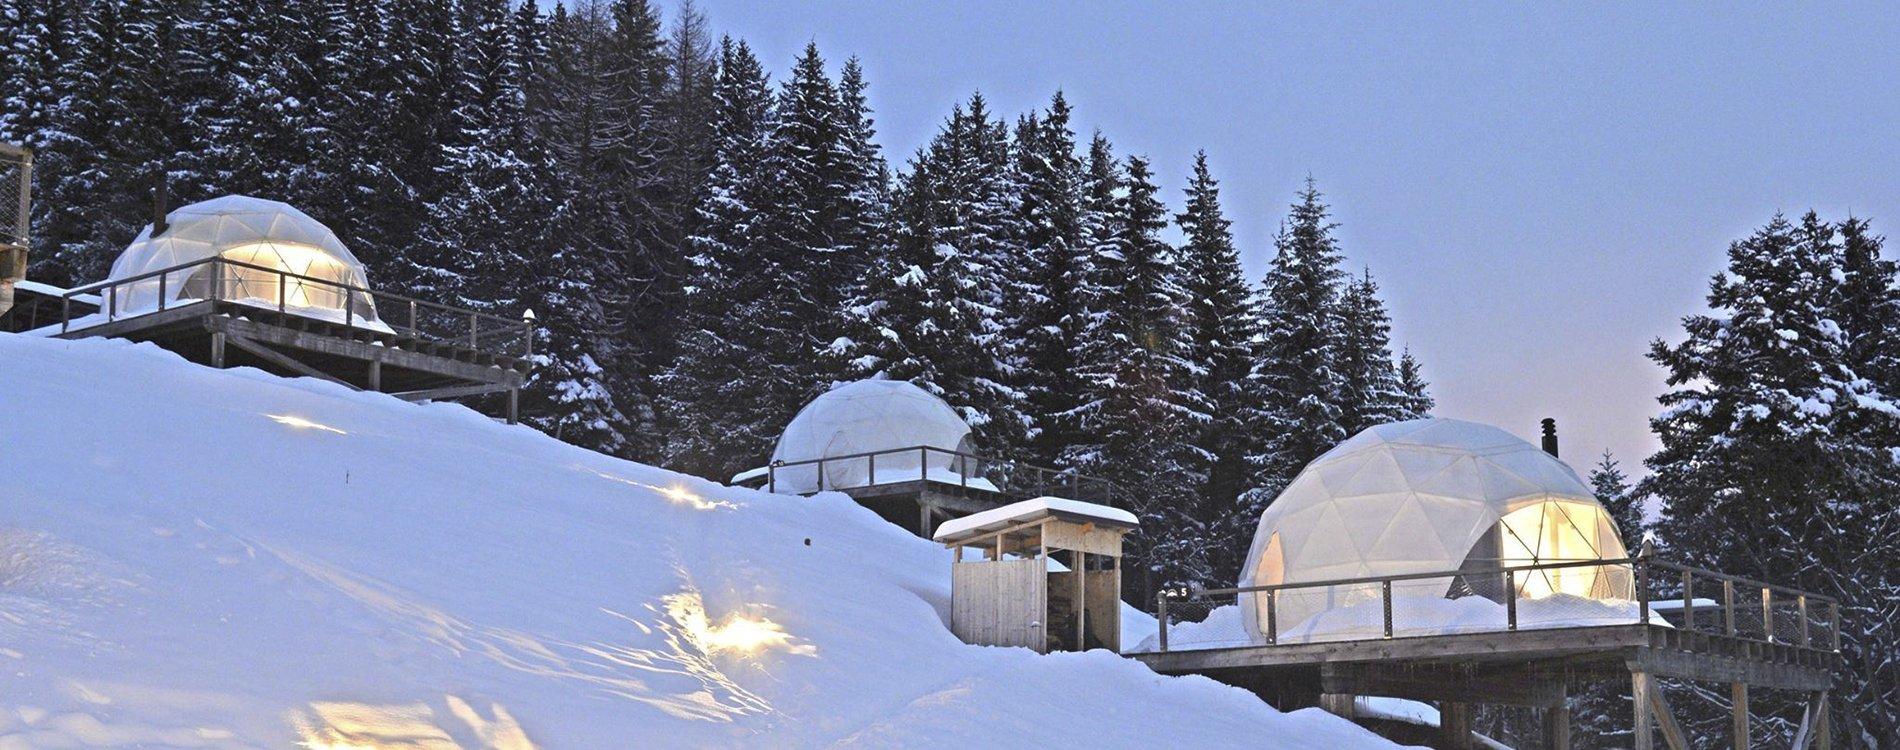 Whitepod, combinación perfecta de ecología y lujo en los Alpes Suizos